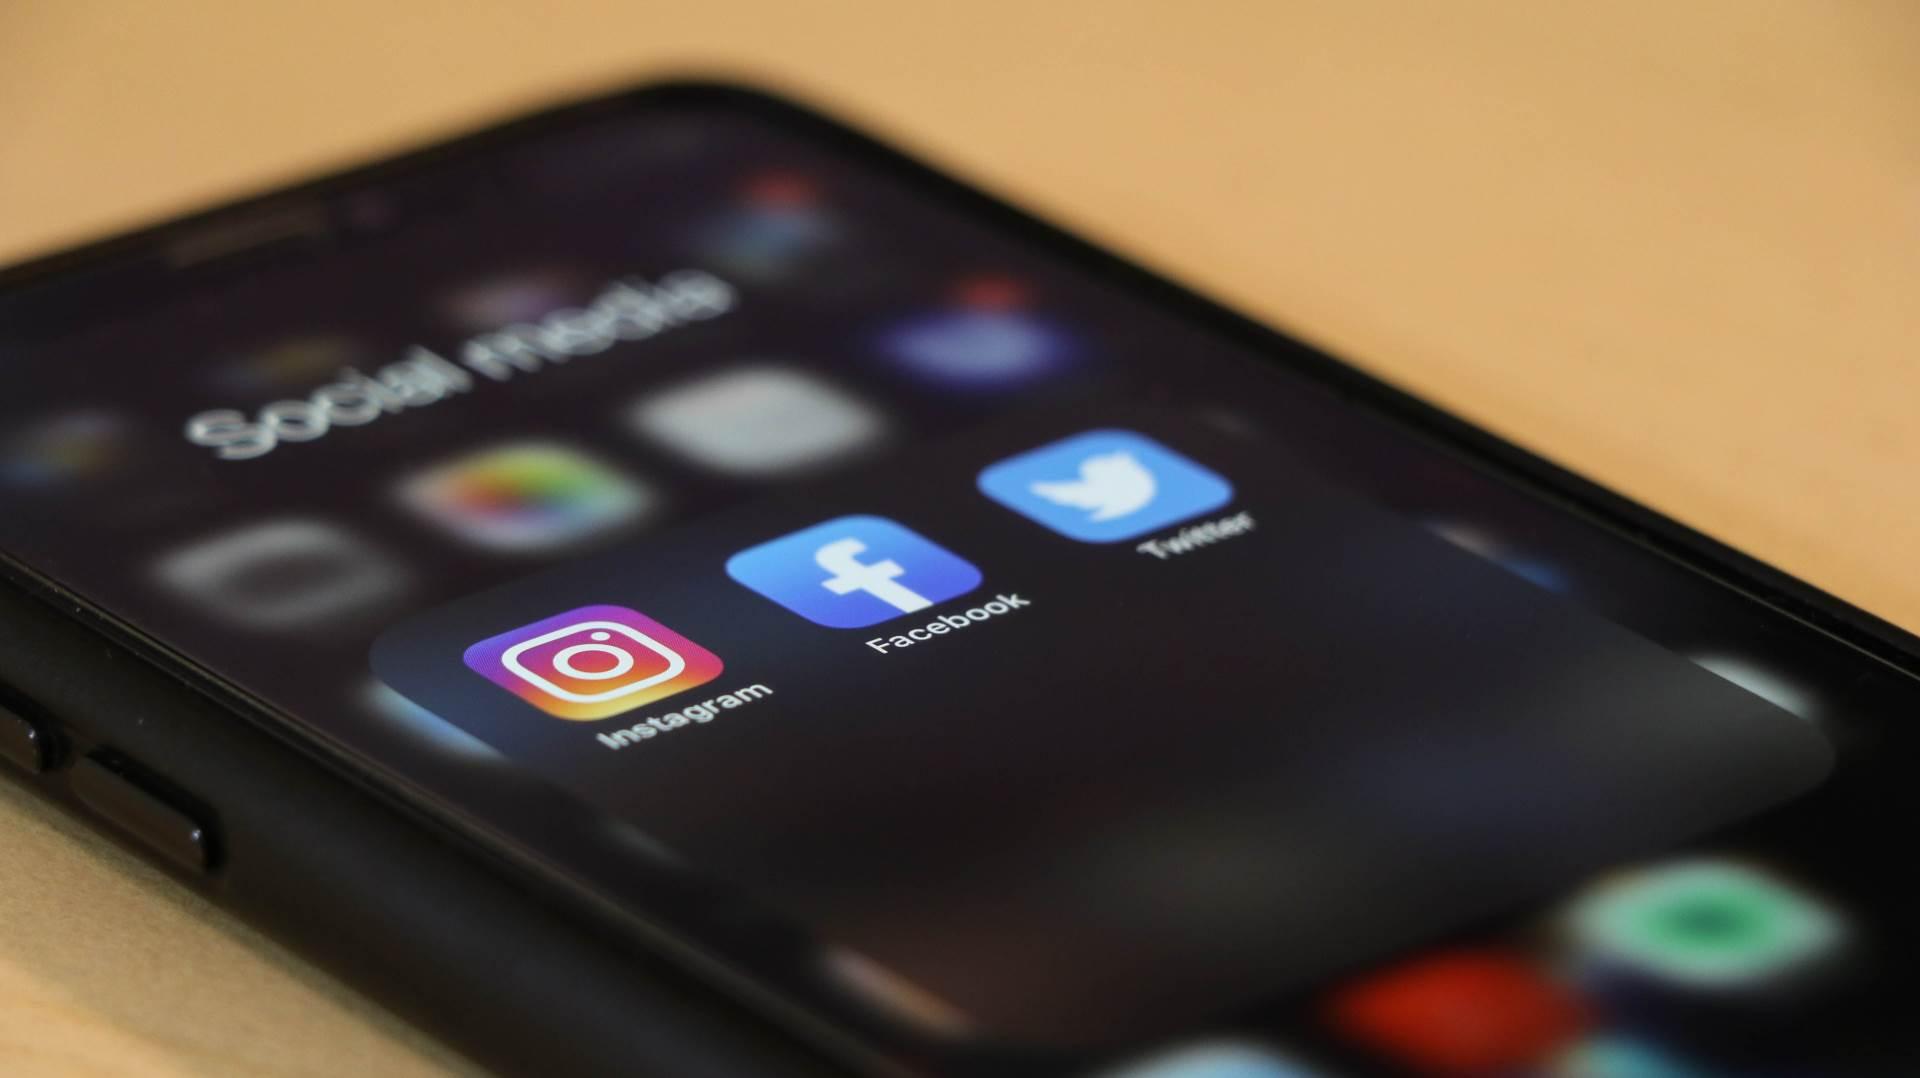 Društvene mreže na pametnom telefonu